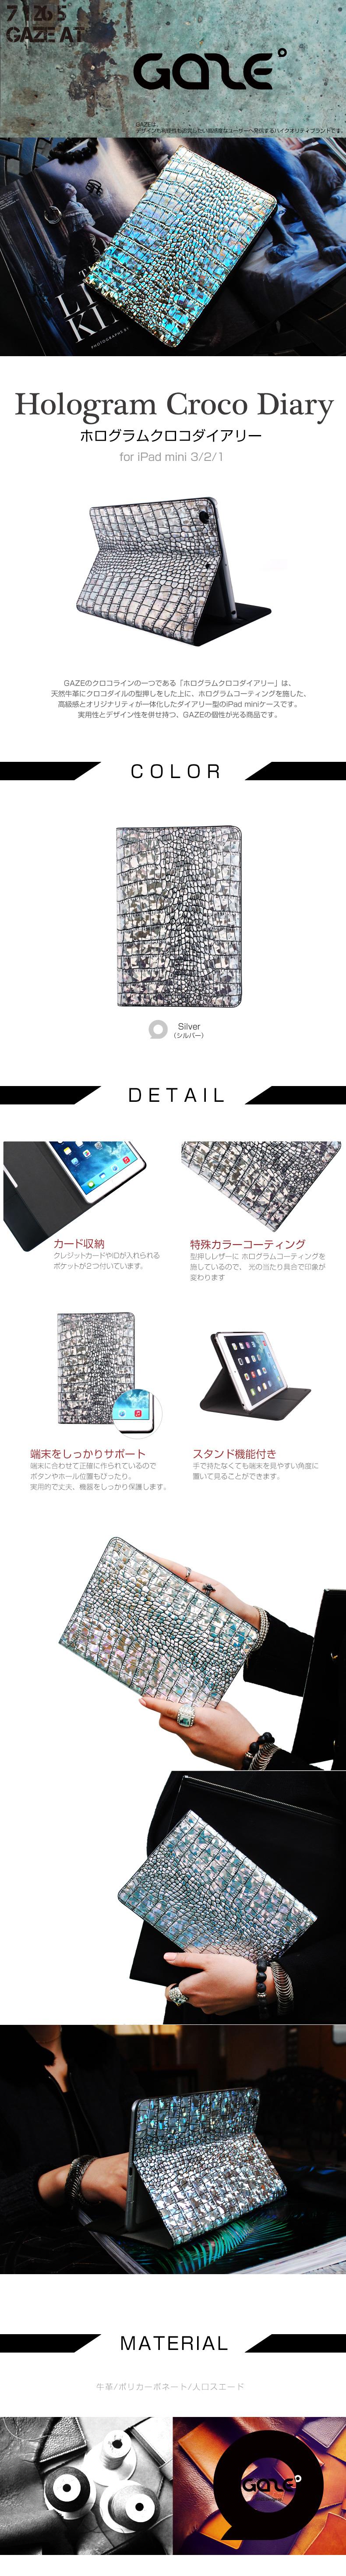 商品詳細-iPadmini3専用ケース